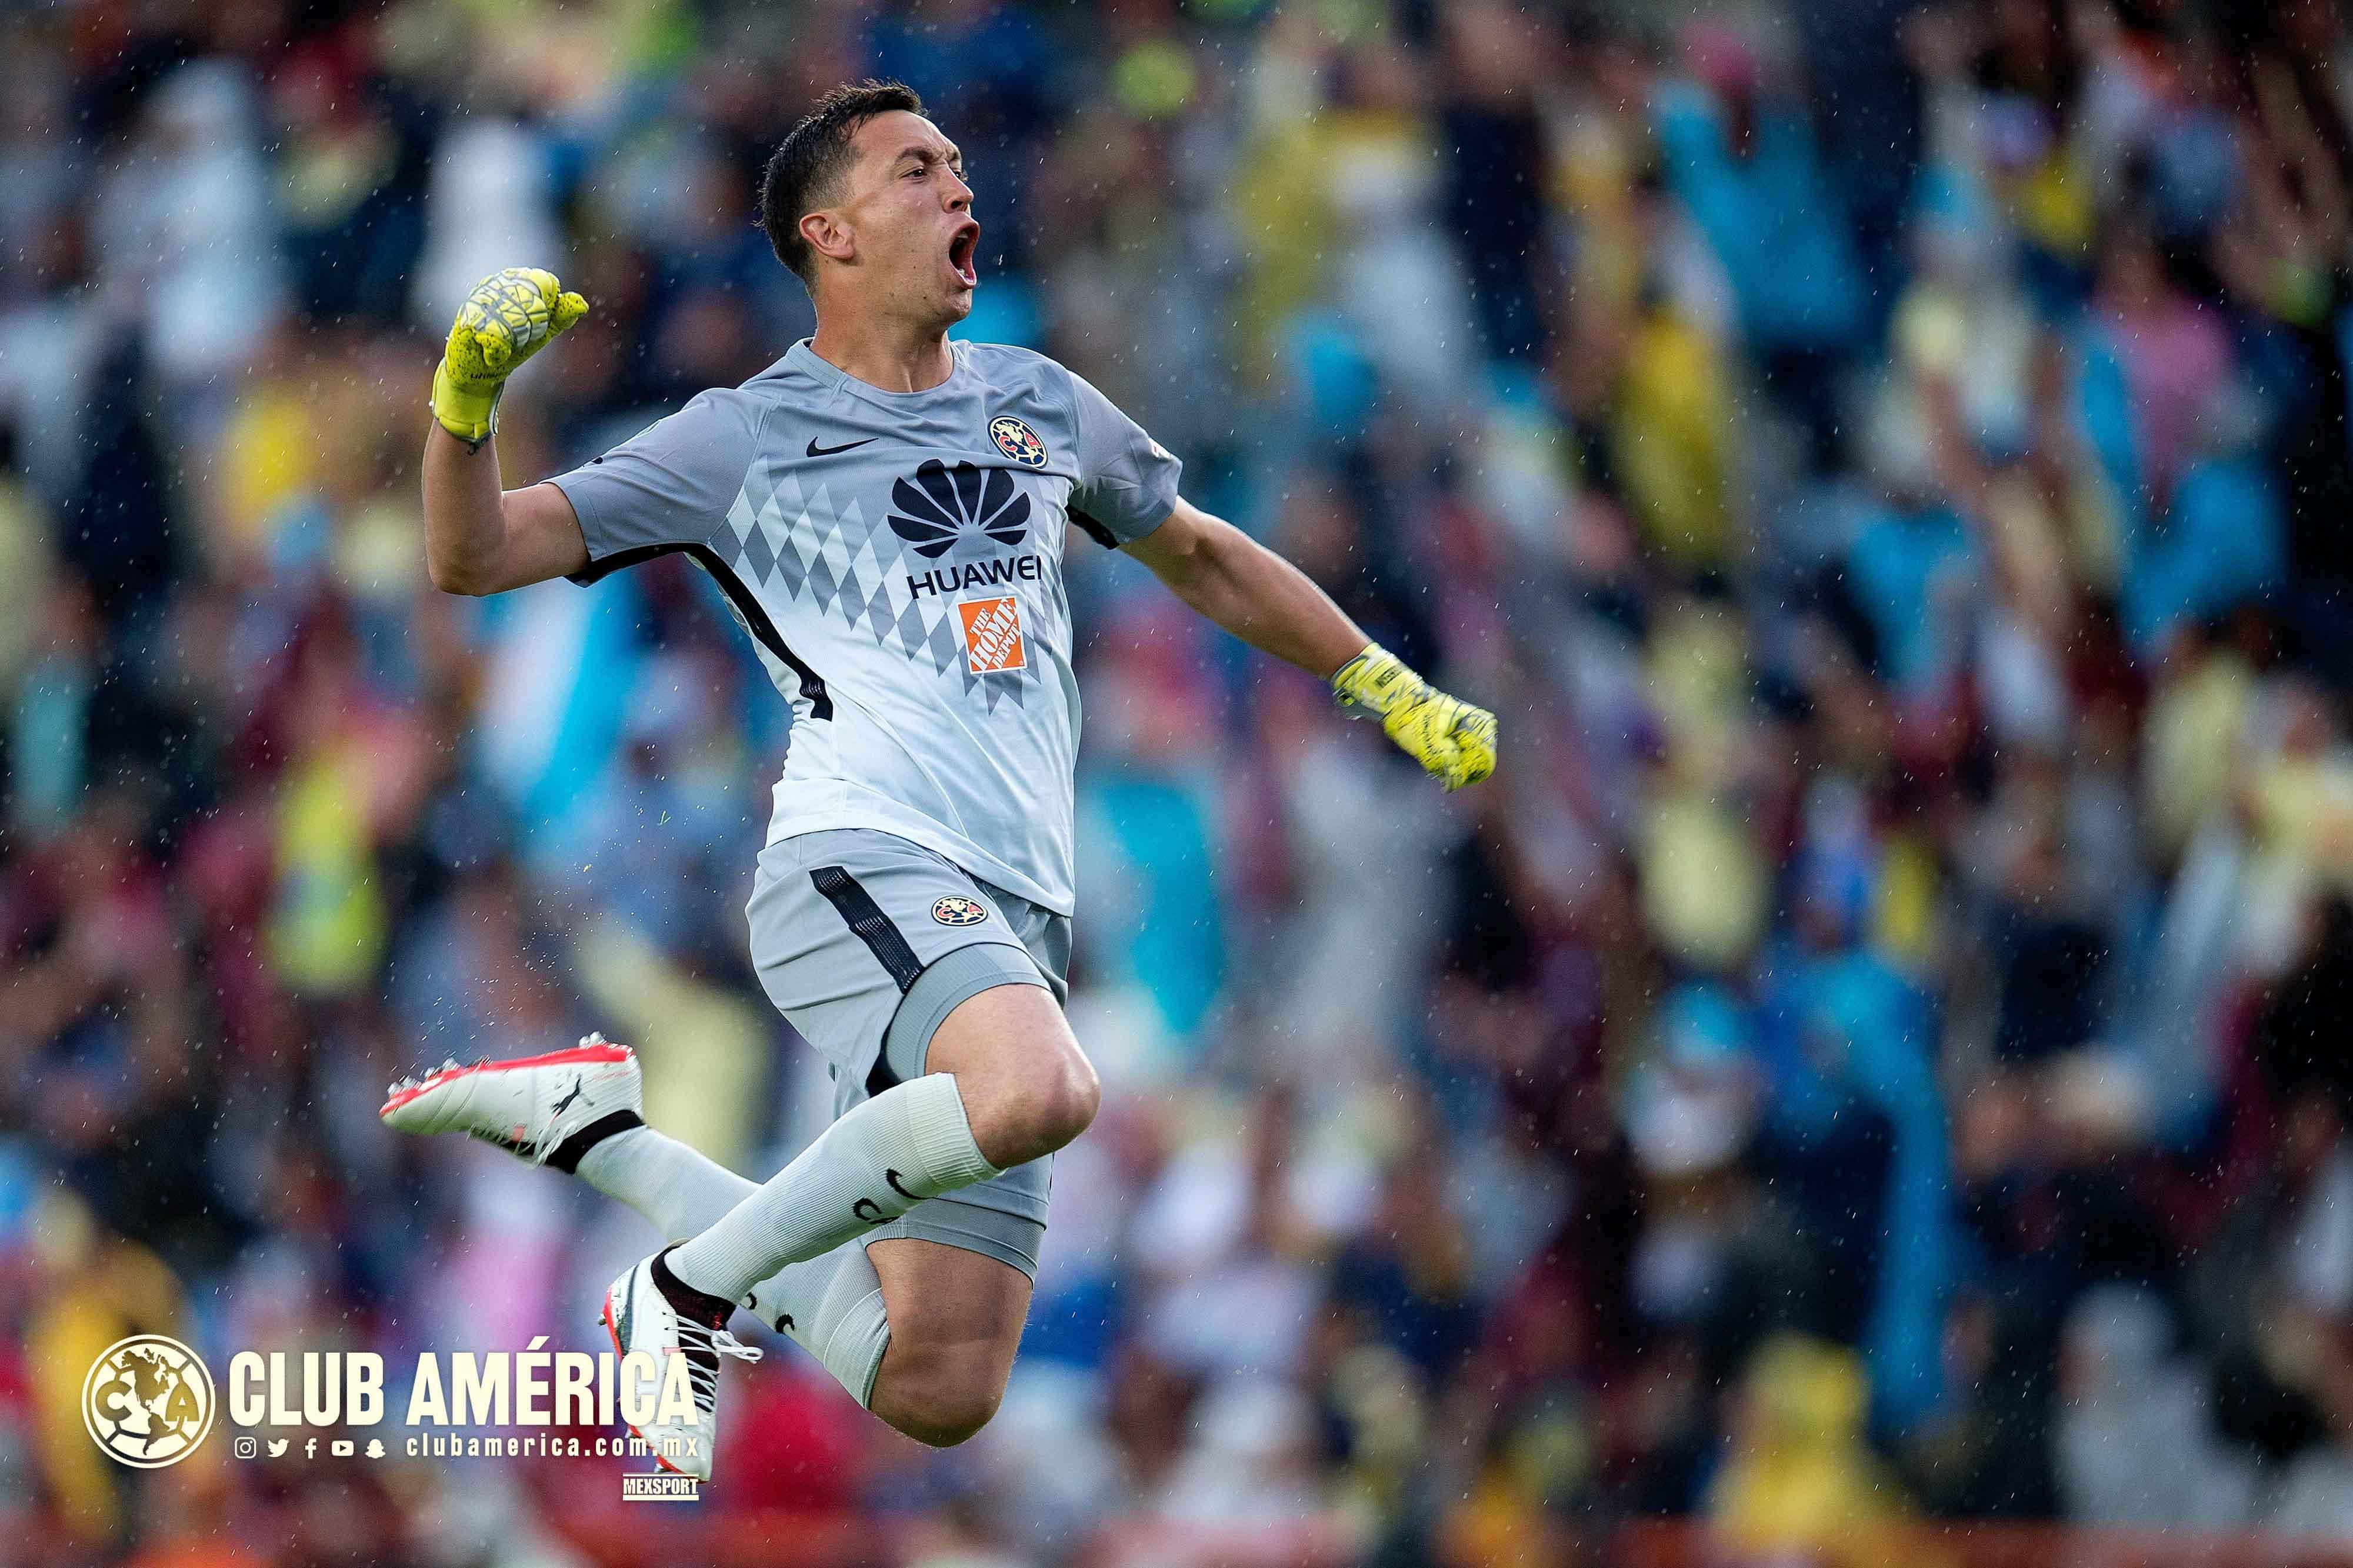 23b2c3f45aa ... partido Pachuca vs America correspondiente a la Jornada 2 de la Liga MX  del Torneo Apertura 2017, desde el Estadio Hidalgo, en la foto: Festejo  Agustin ...